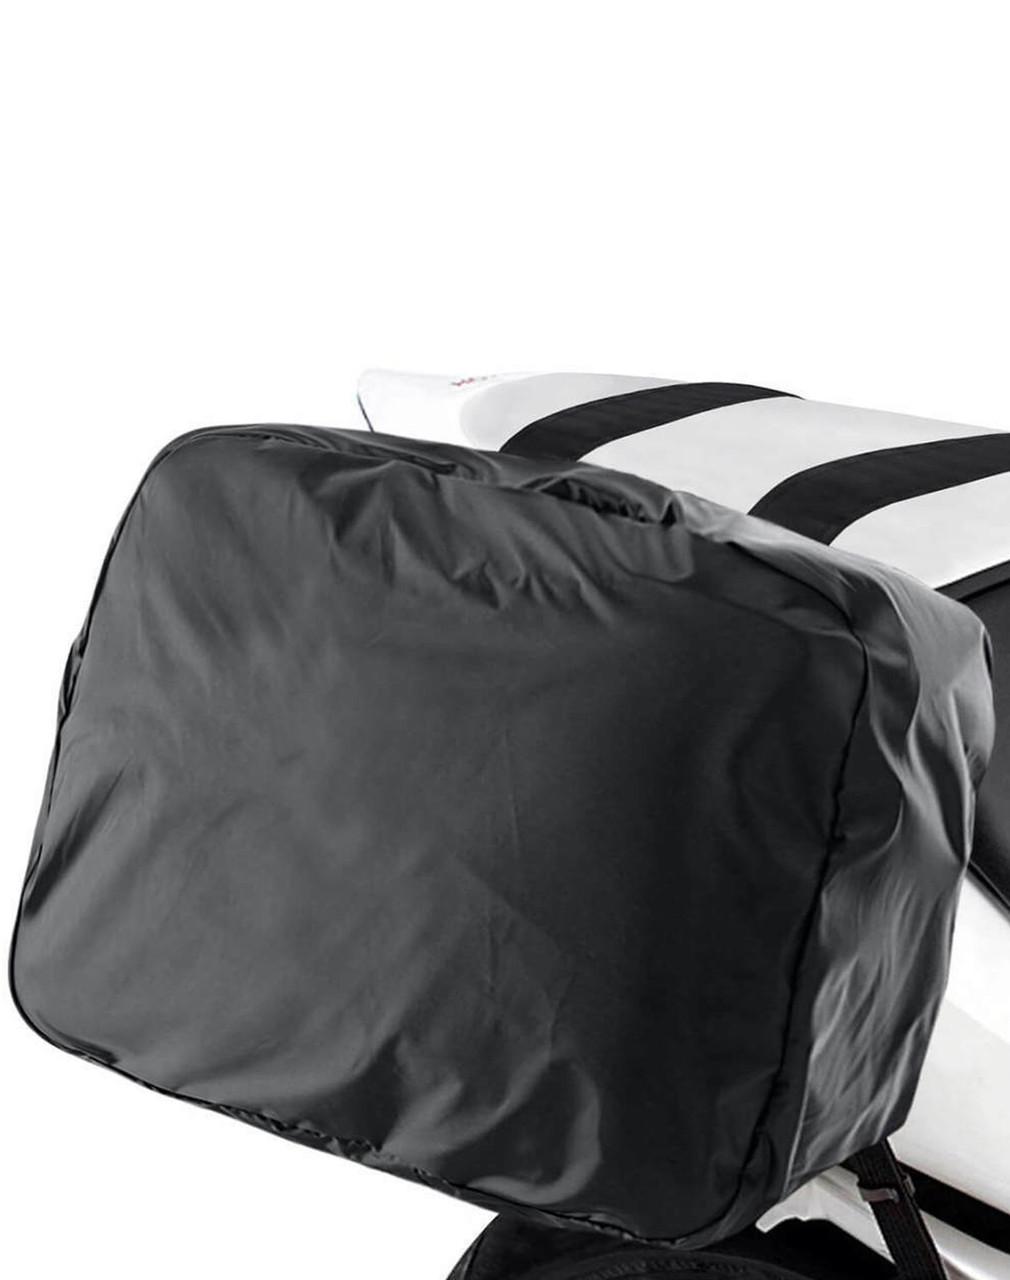 Viking Extra Large Black Street/Sportbike Saddlebags Rain Cover